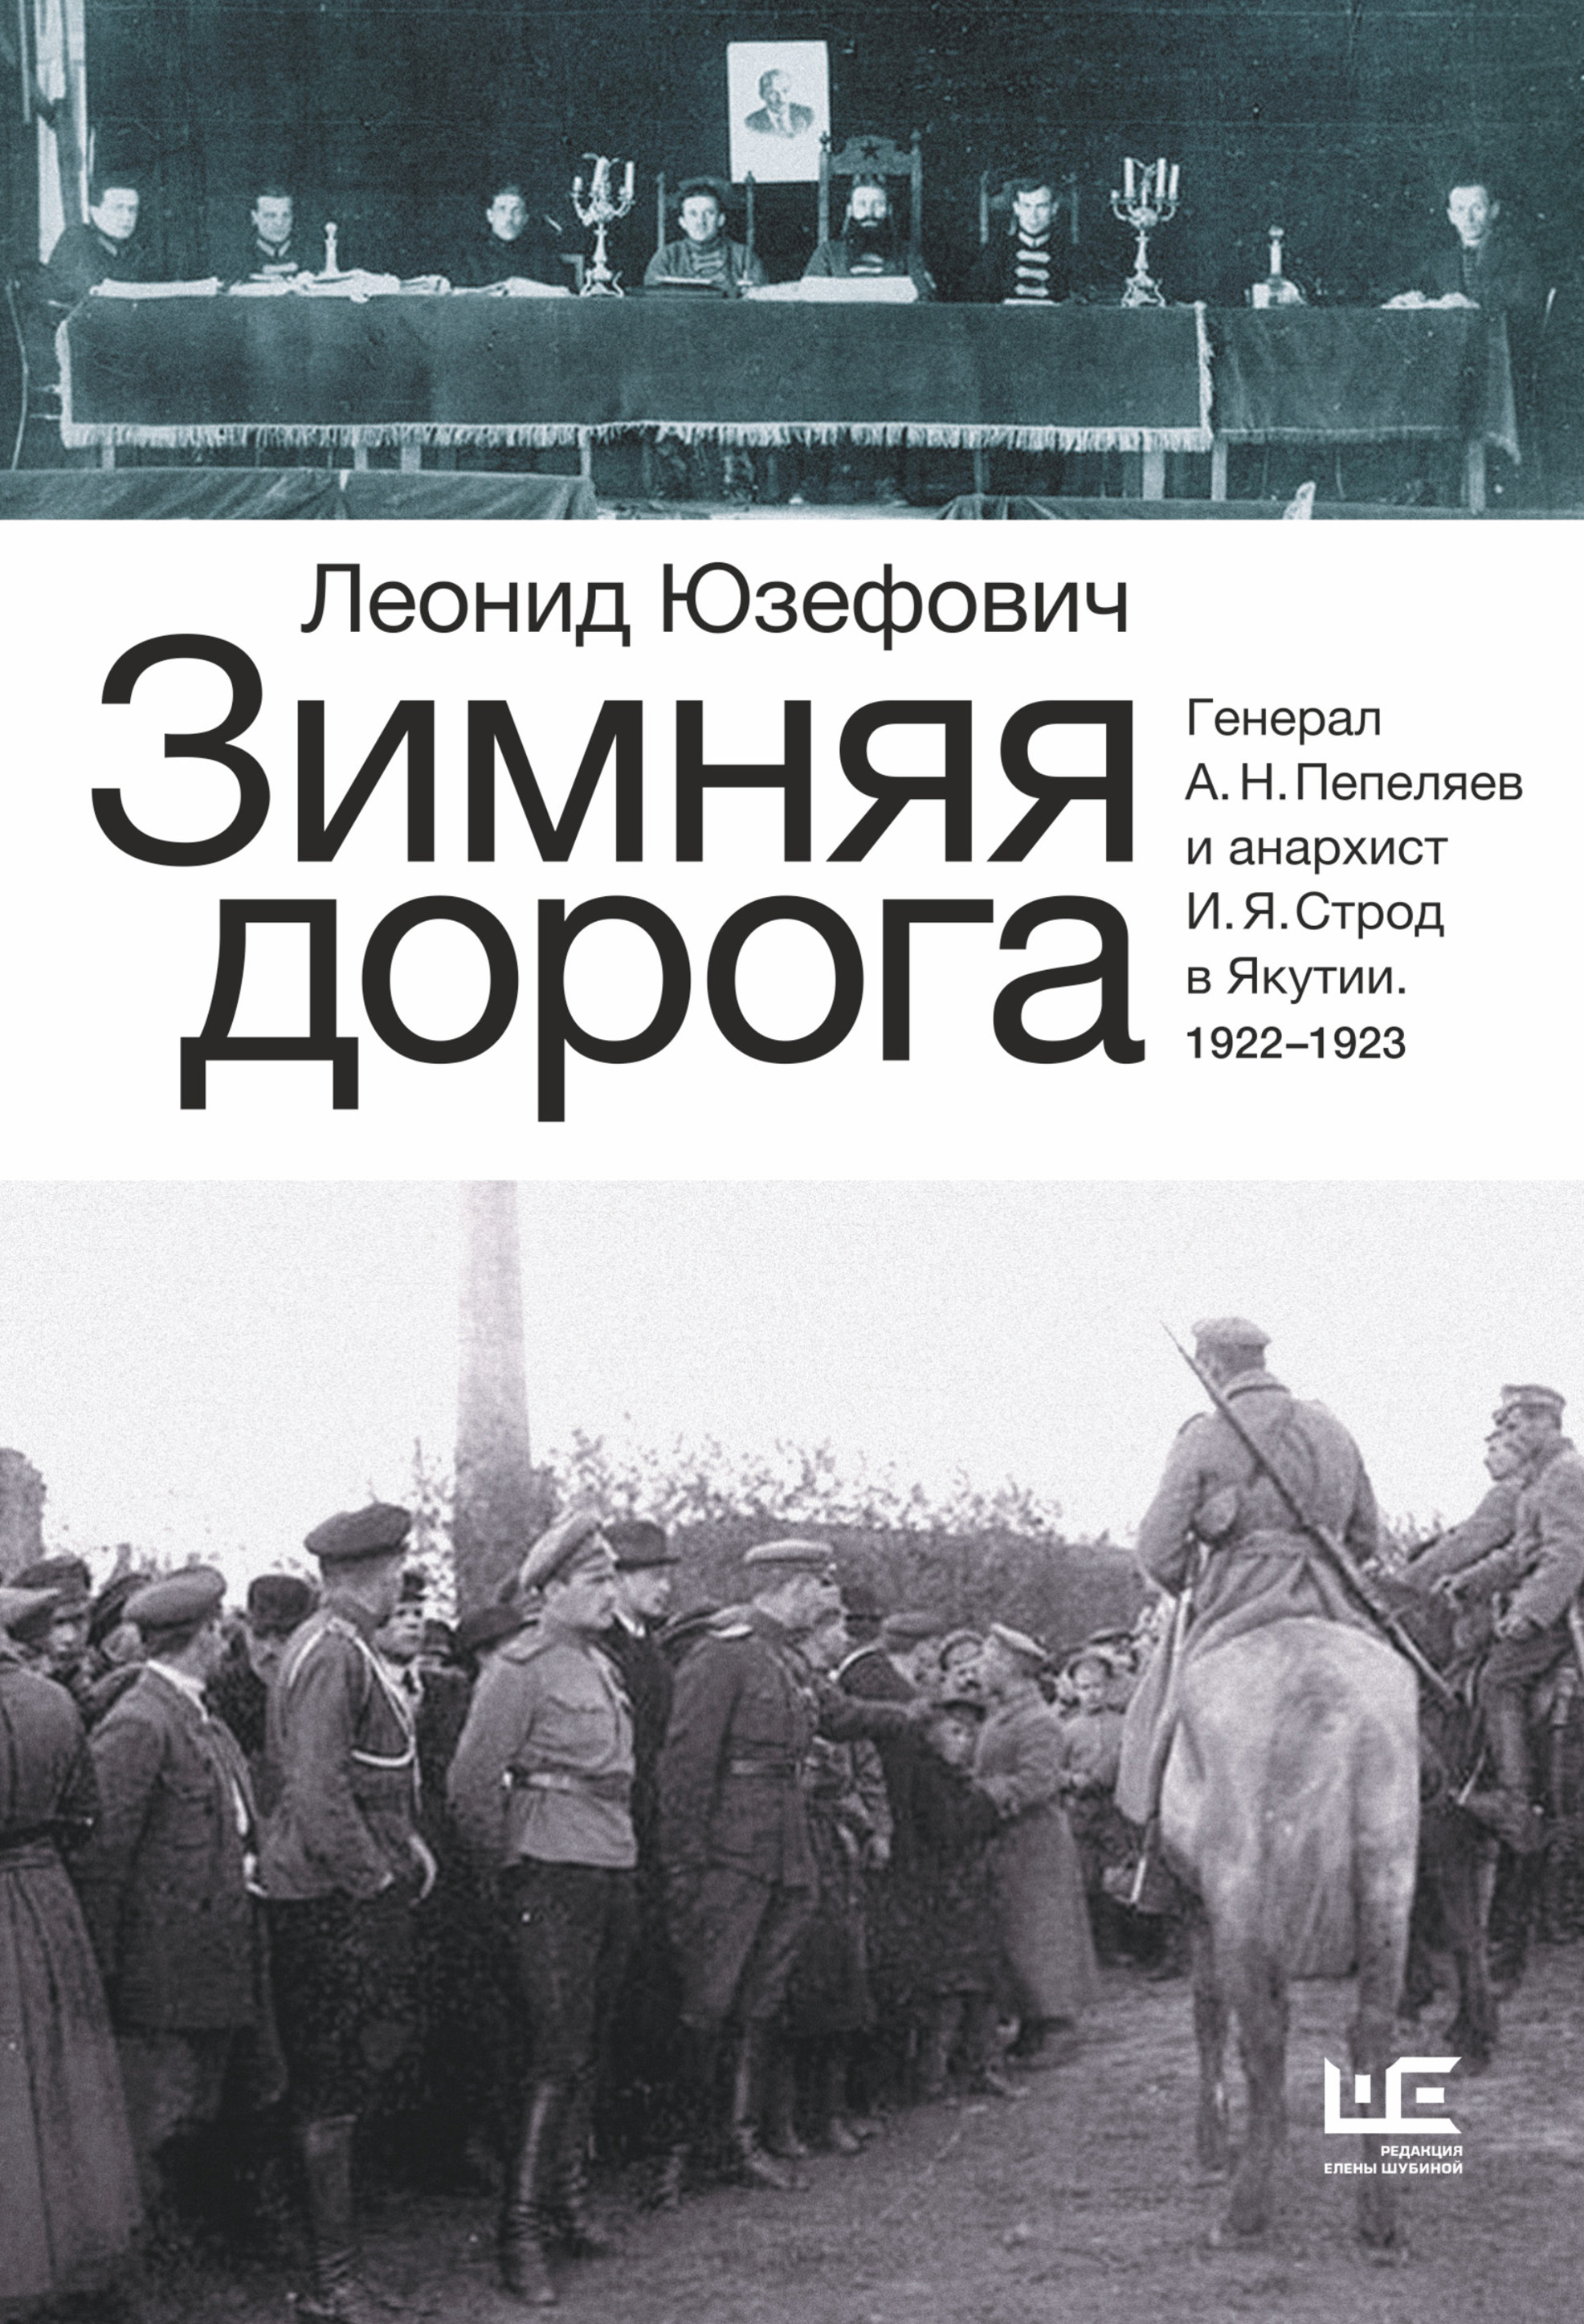 zimnyaya doroga general a n pepelyaev i anarkhist i ya strod v yakutii 19221923